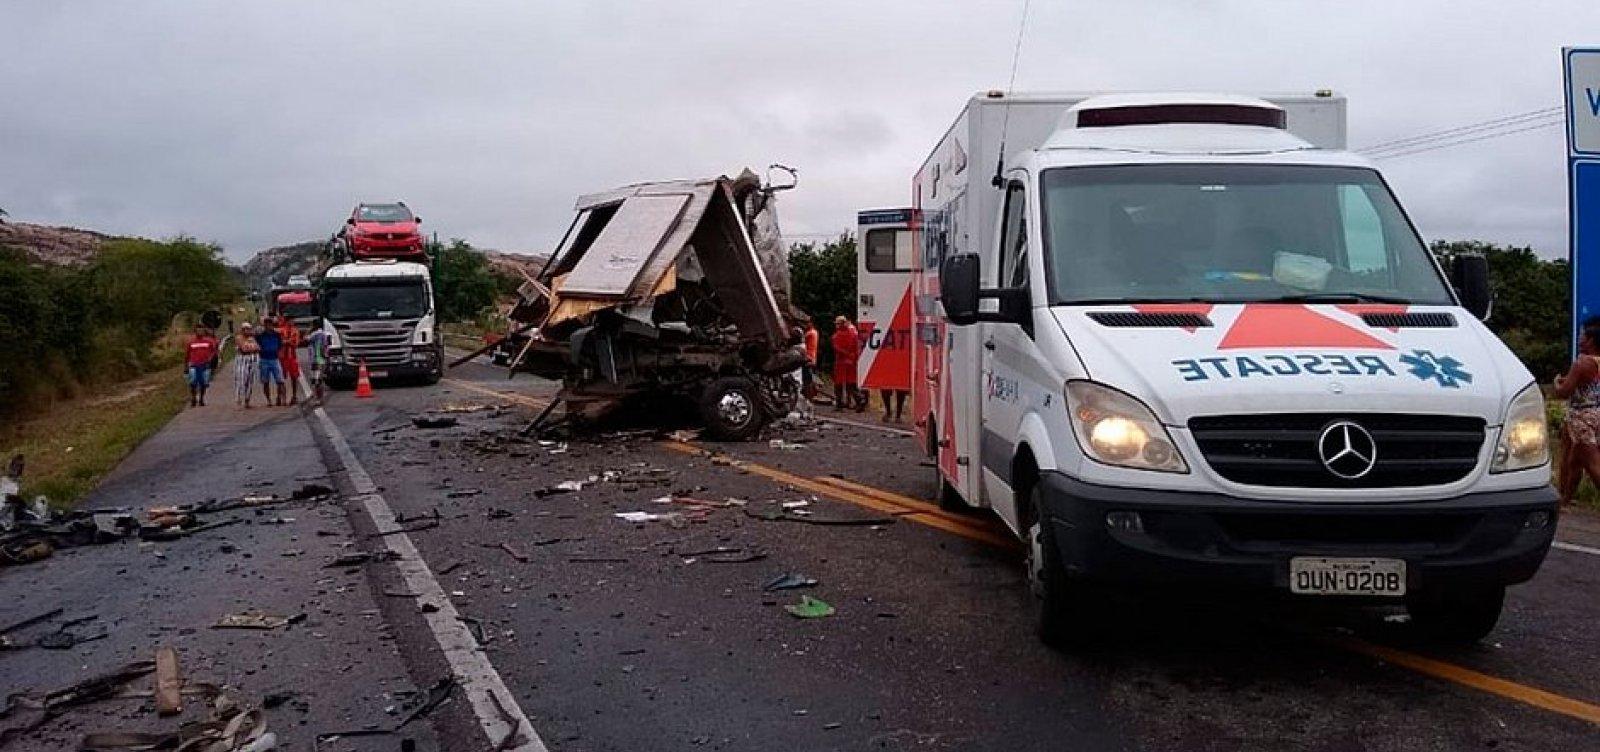 [Acidente envolvendo caminhão da banda de Léo Santana deixa mortos na BR-116]